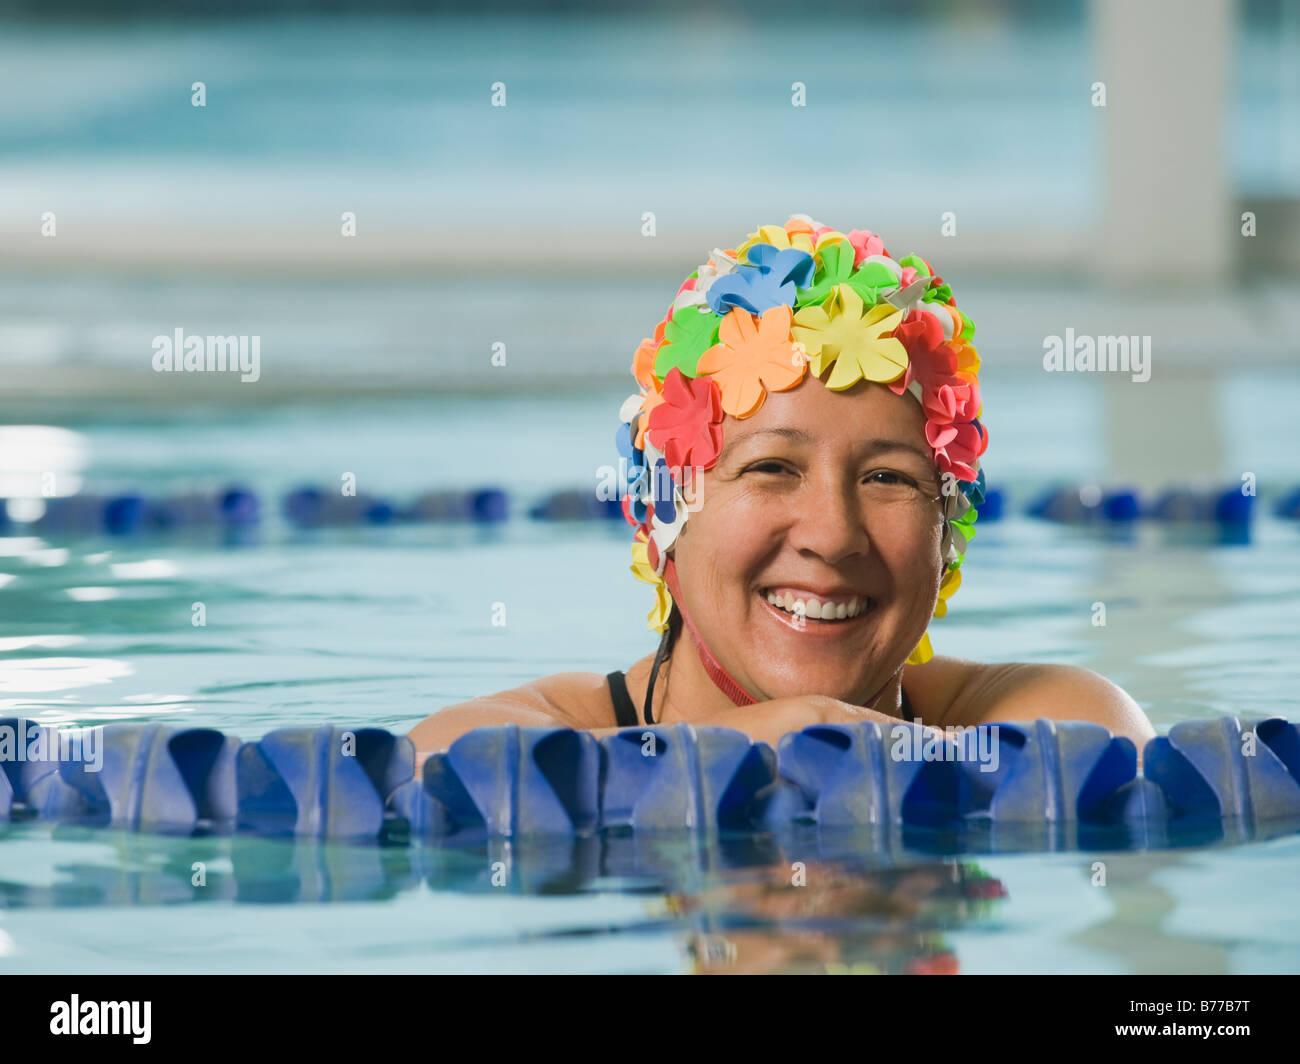 Mature Woman Swimming Cap Stock Photos Mature Woman Swimming Cap Stock Images Alamy